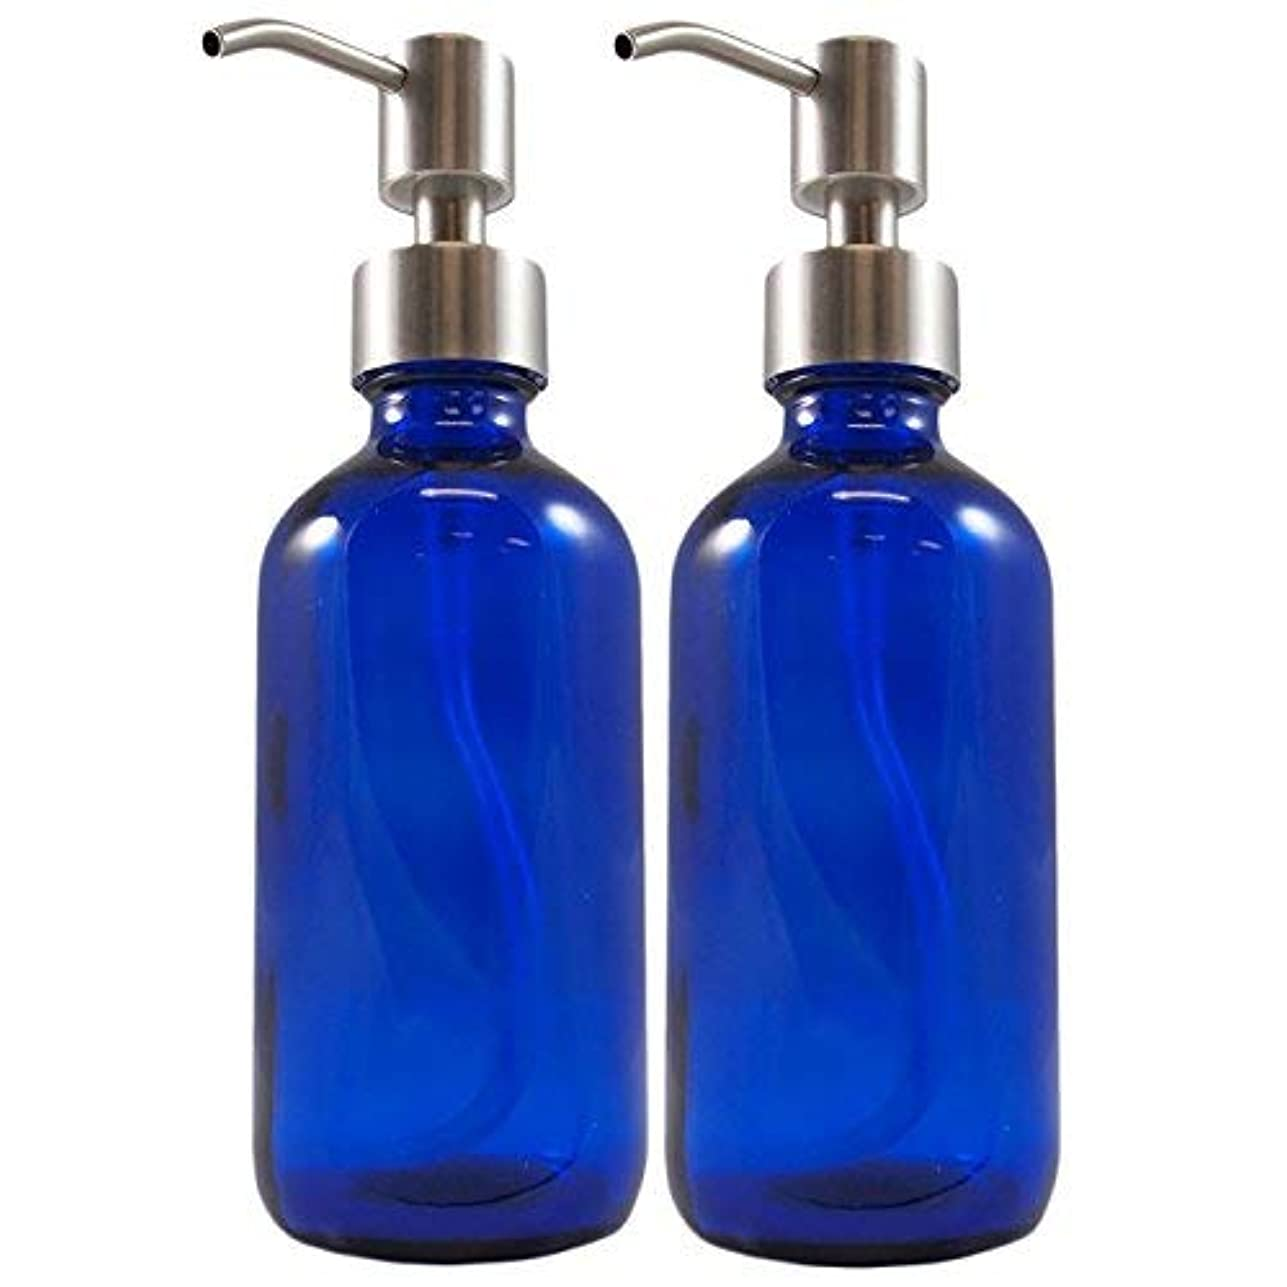 円形ブロンズどこCornucopia Brands Cobalt Blue Glass Boston Round Bottles with Stainless Steel Pumps, Great for Essential Oils,...